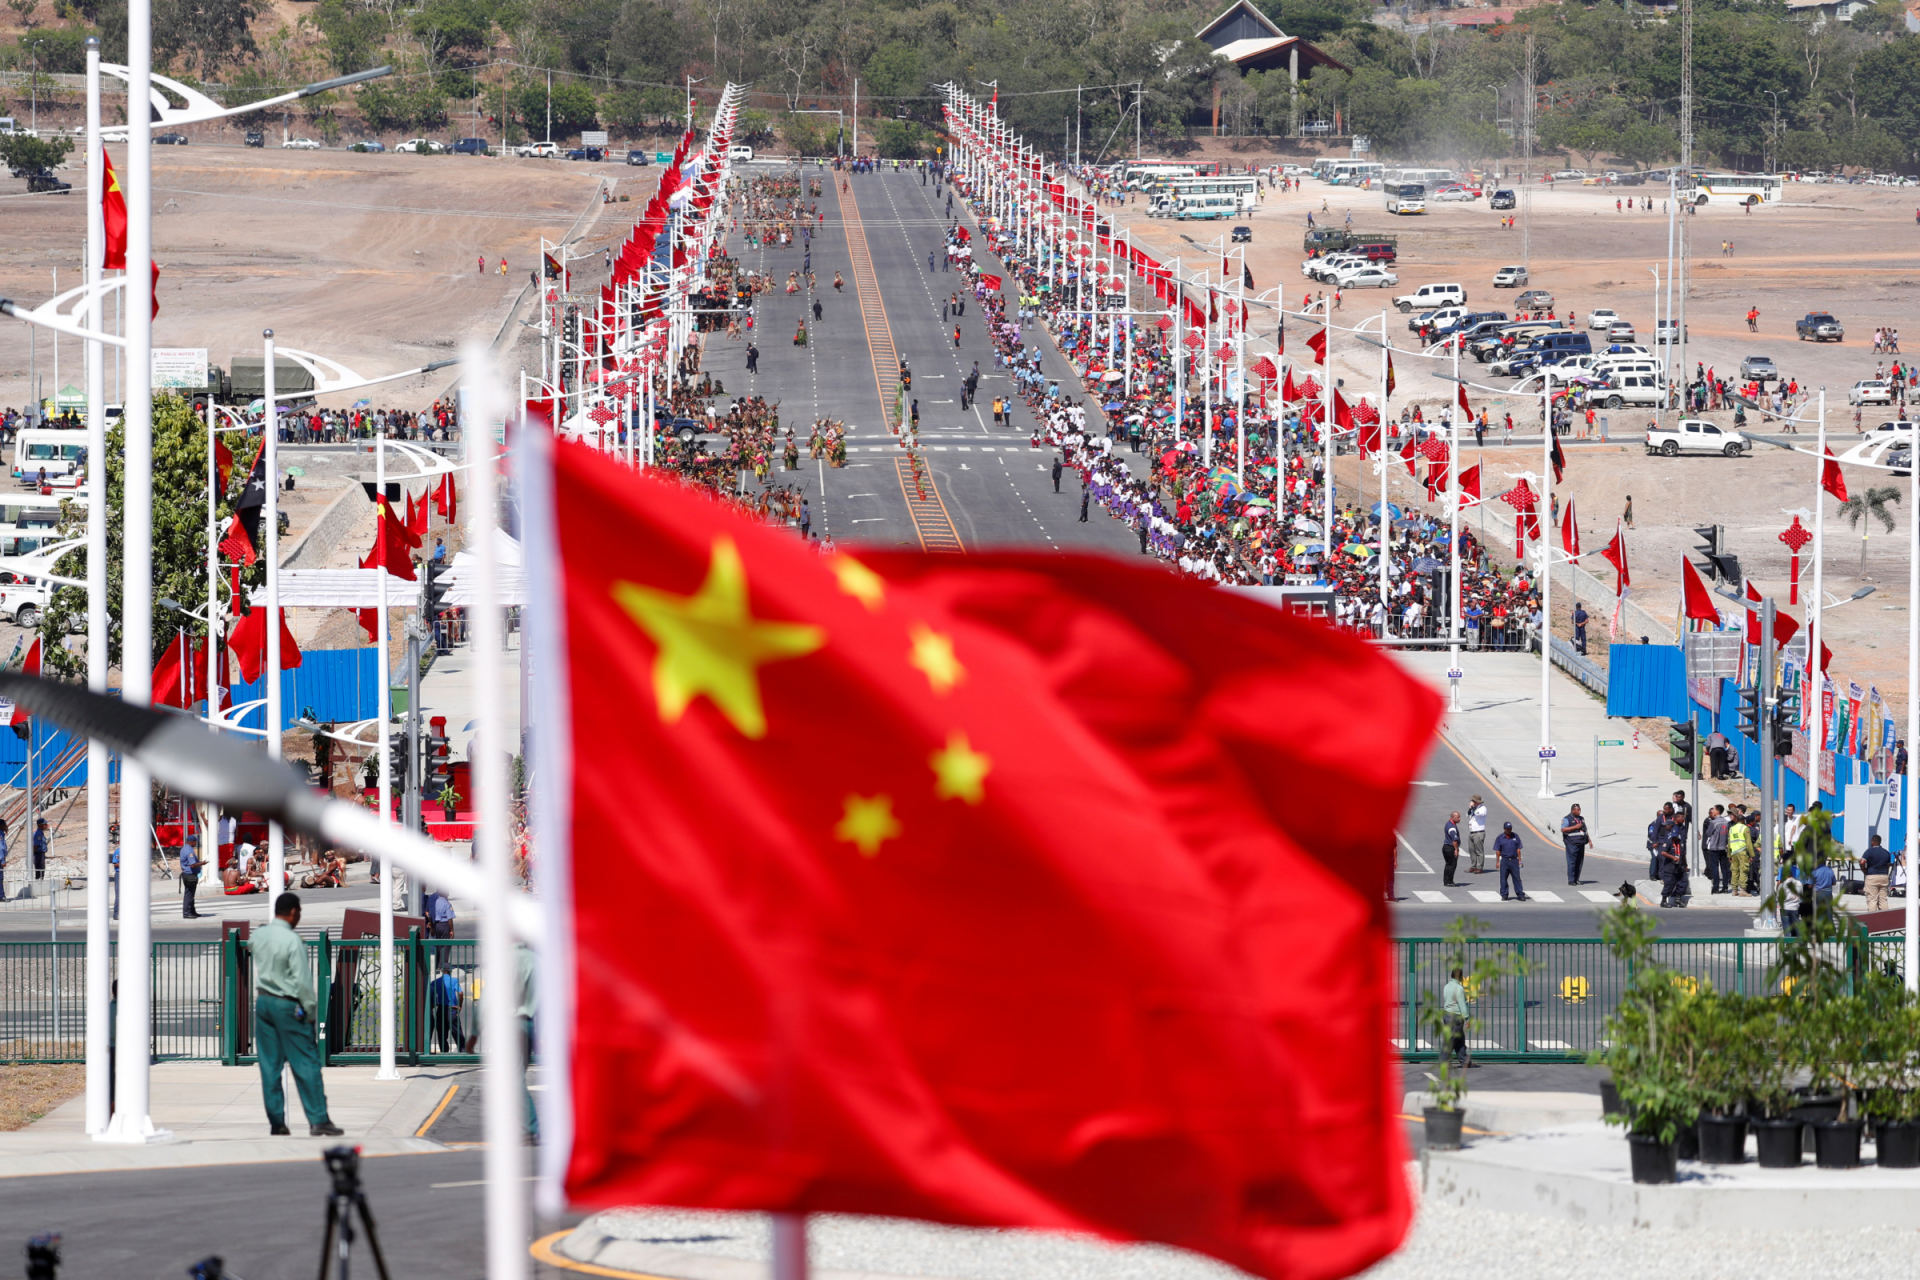 kinijos poveikis pasaulio prekybos sistemai 24 pasirinkimo prekybos sąskaitos